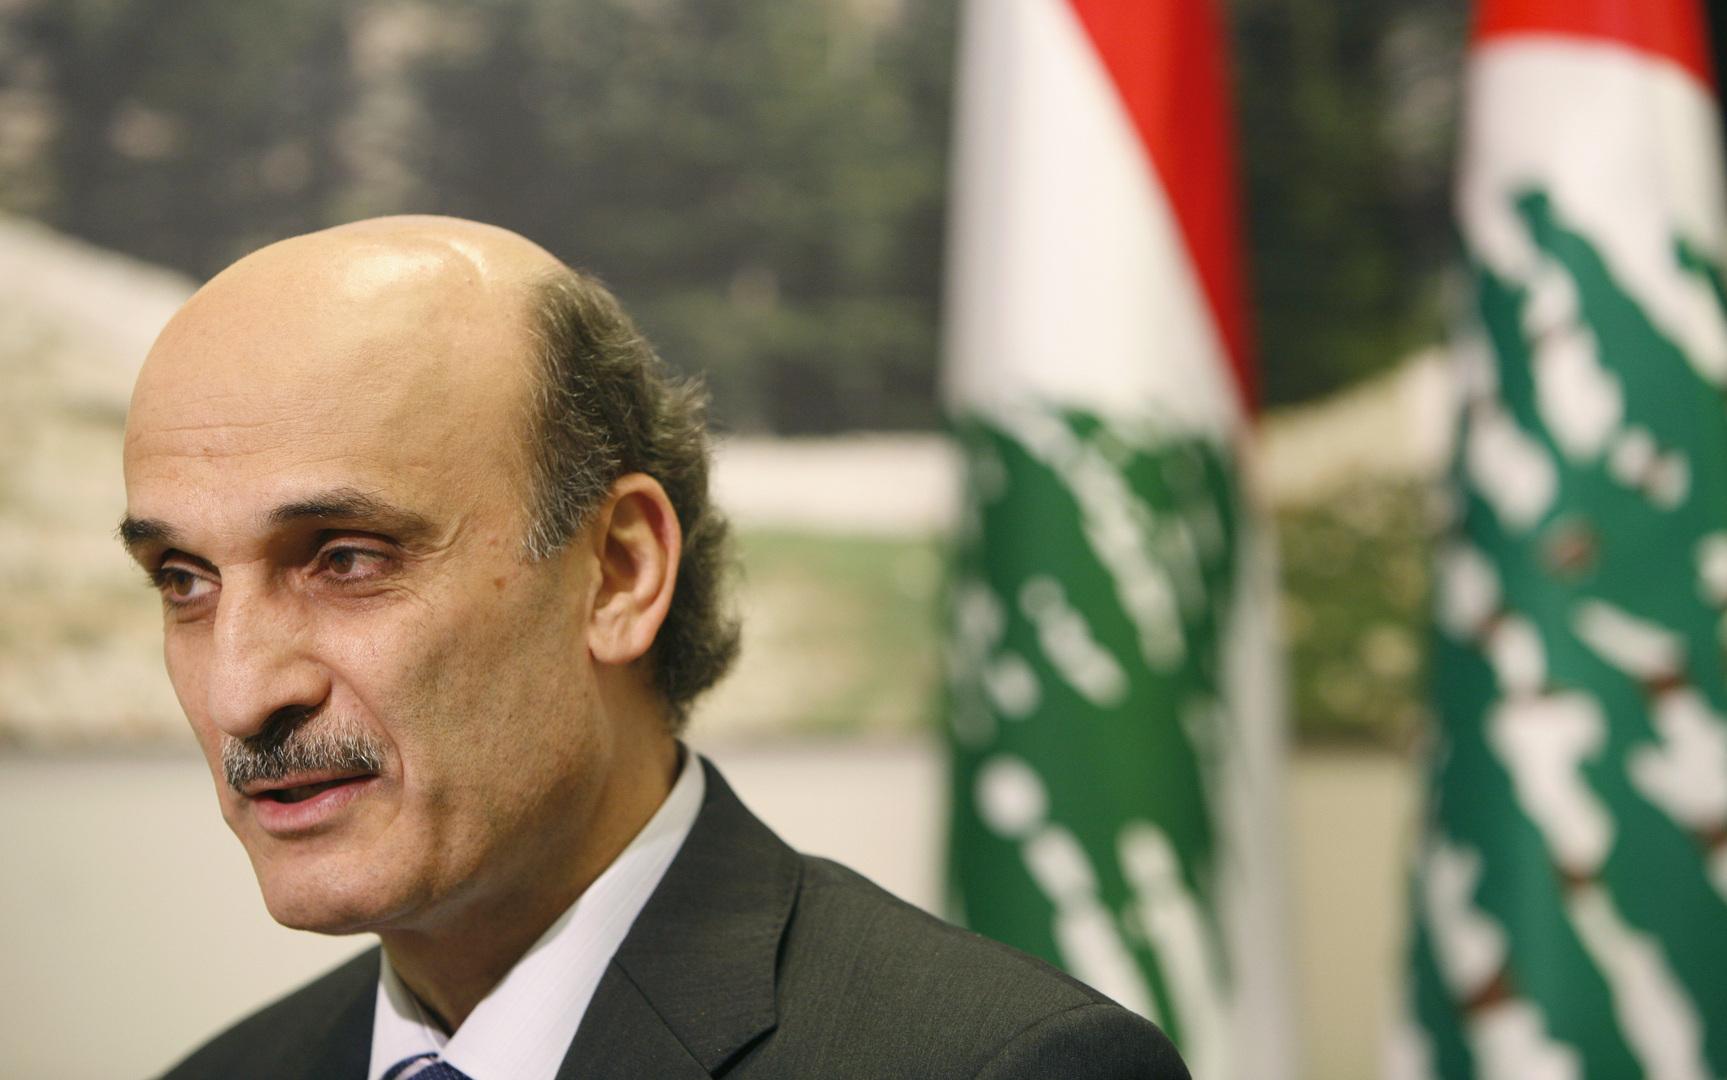 سمير جعجع رئيس حزب القوات اللبنانية أرشيف